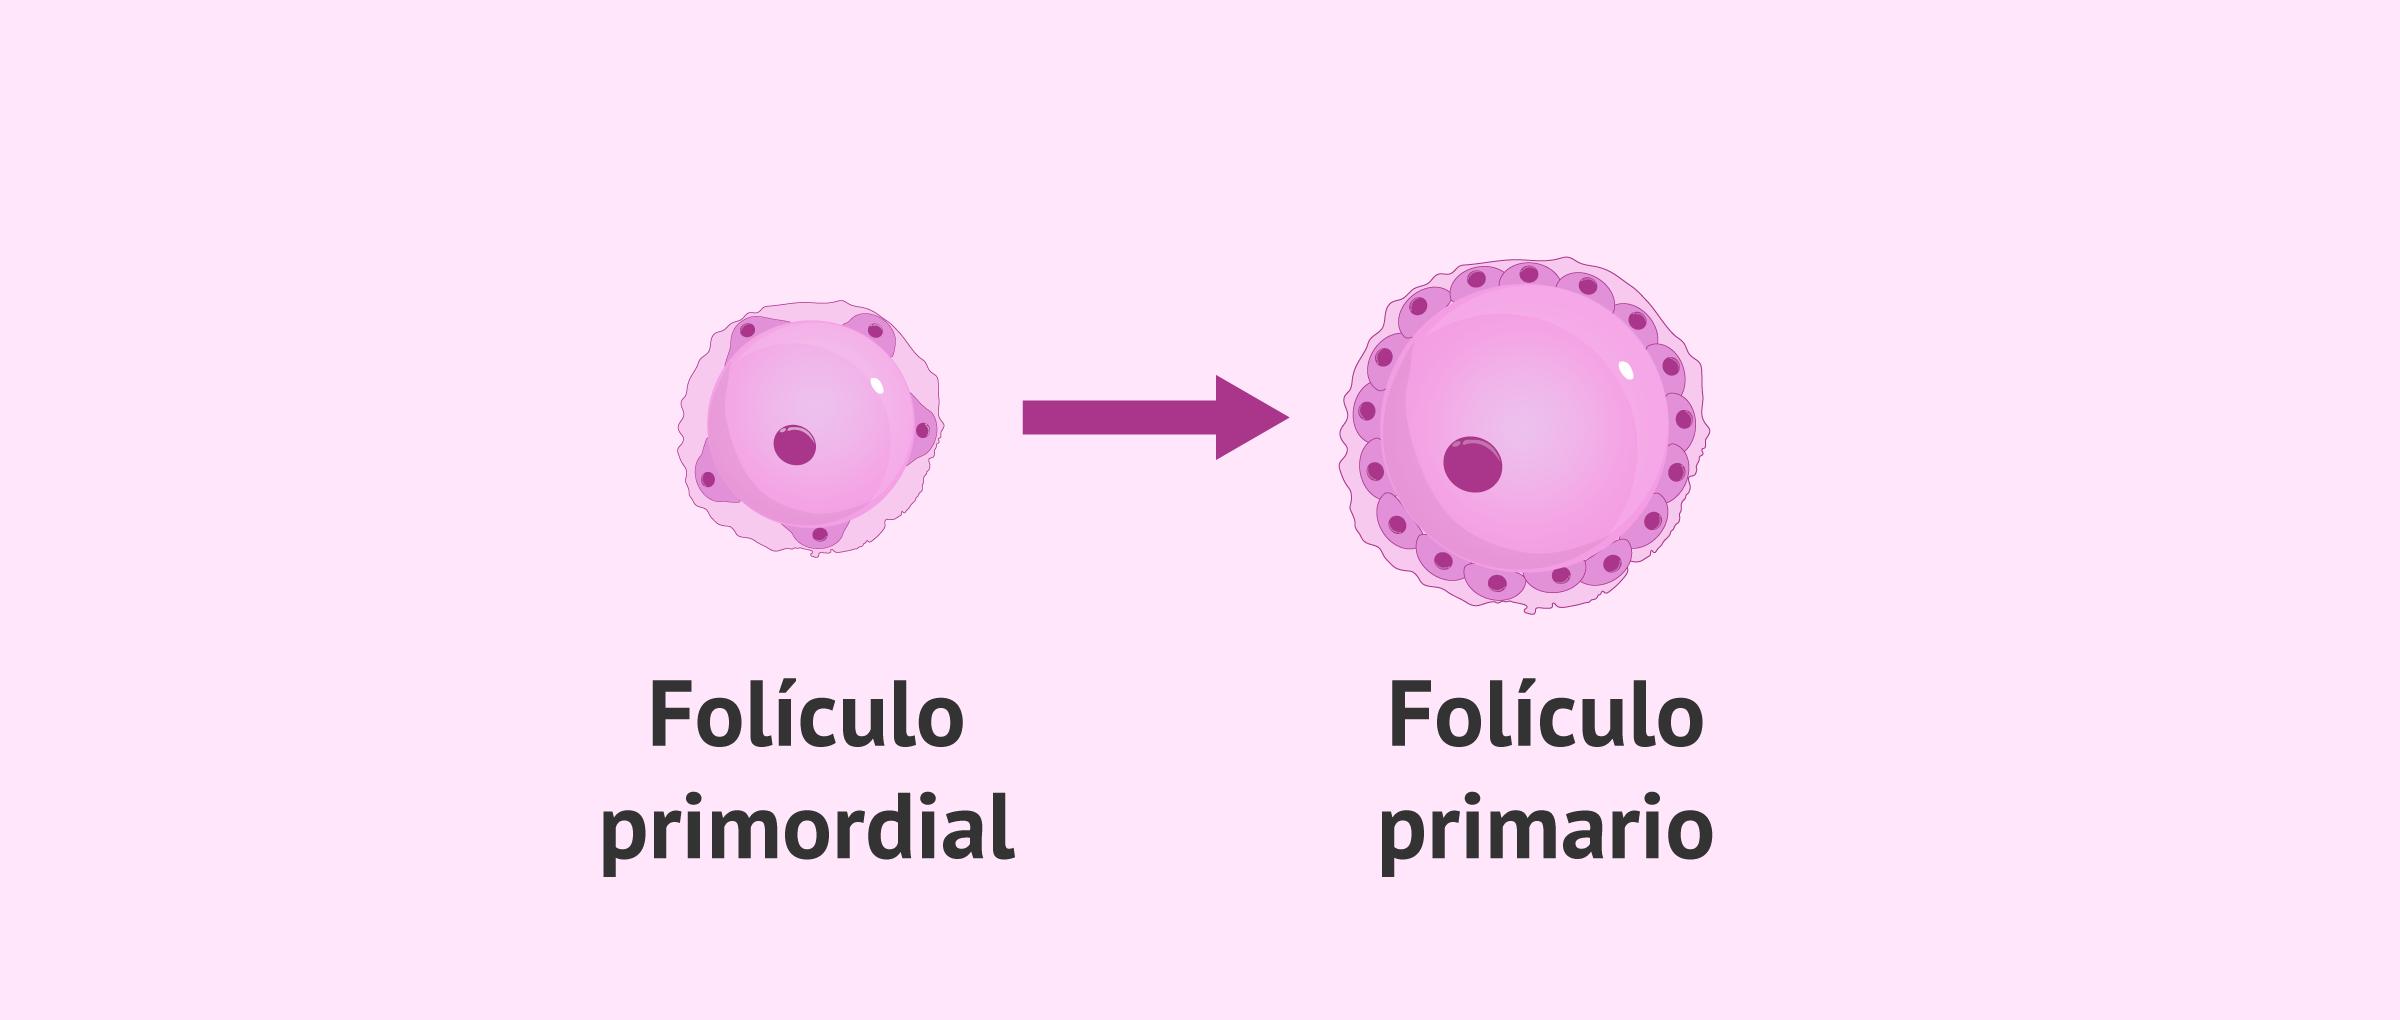 Folículo primordial a folículo primario